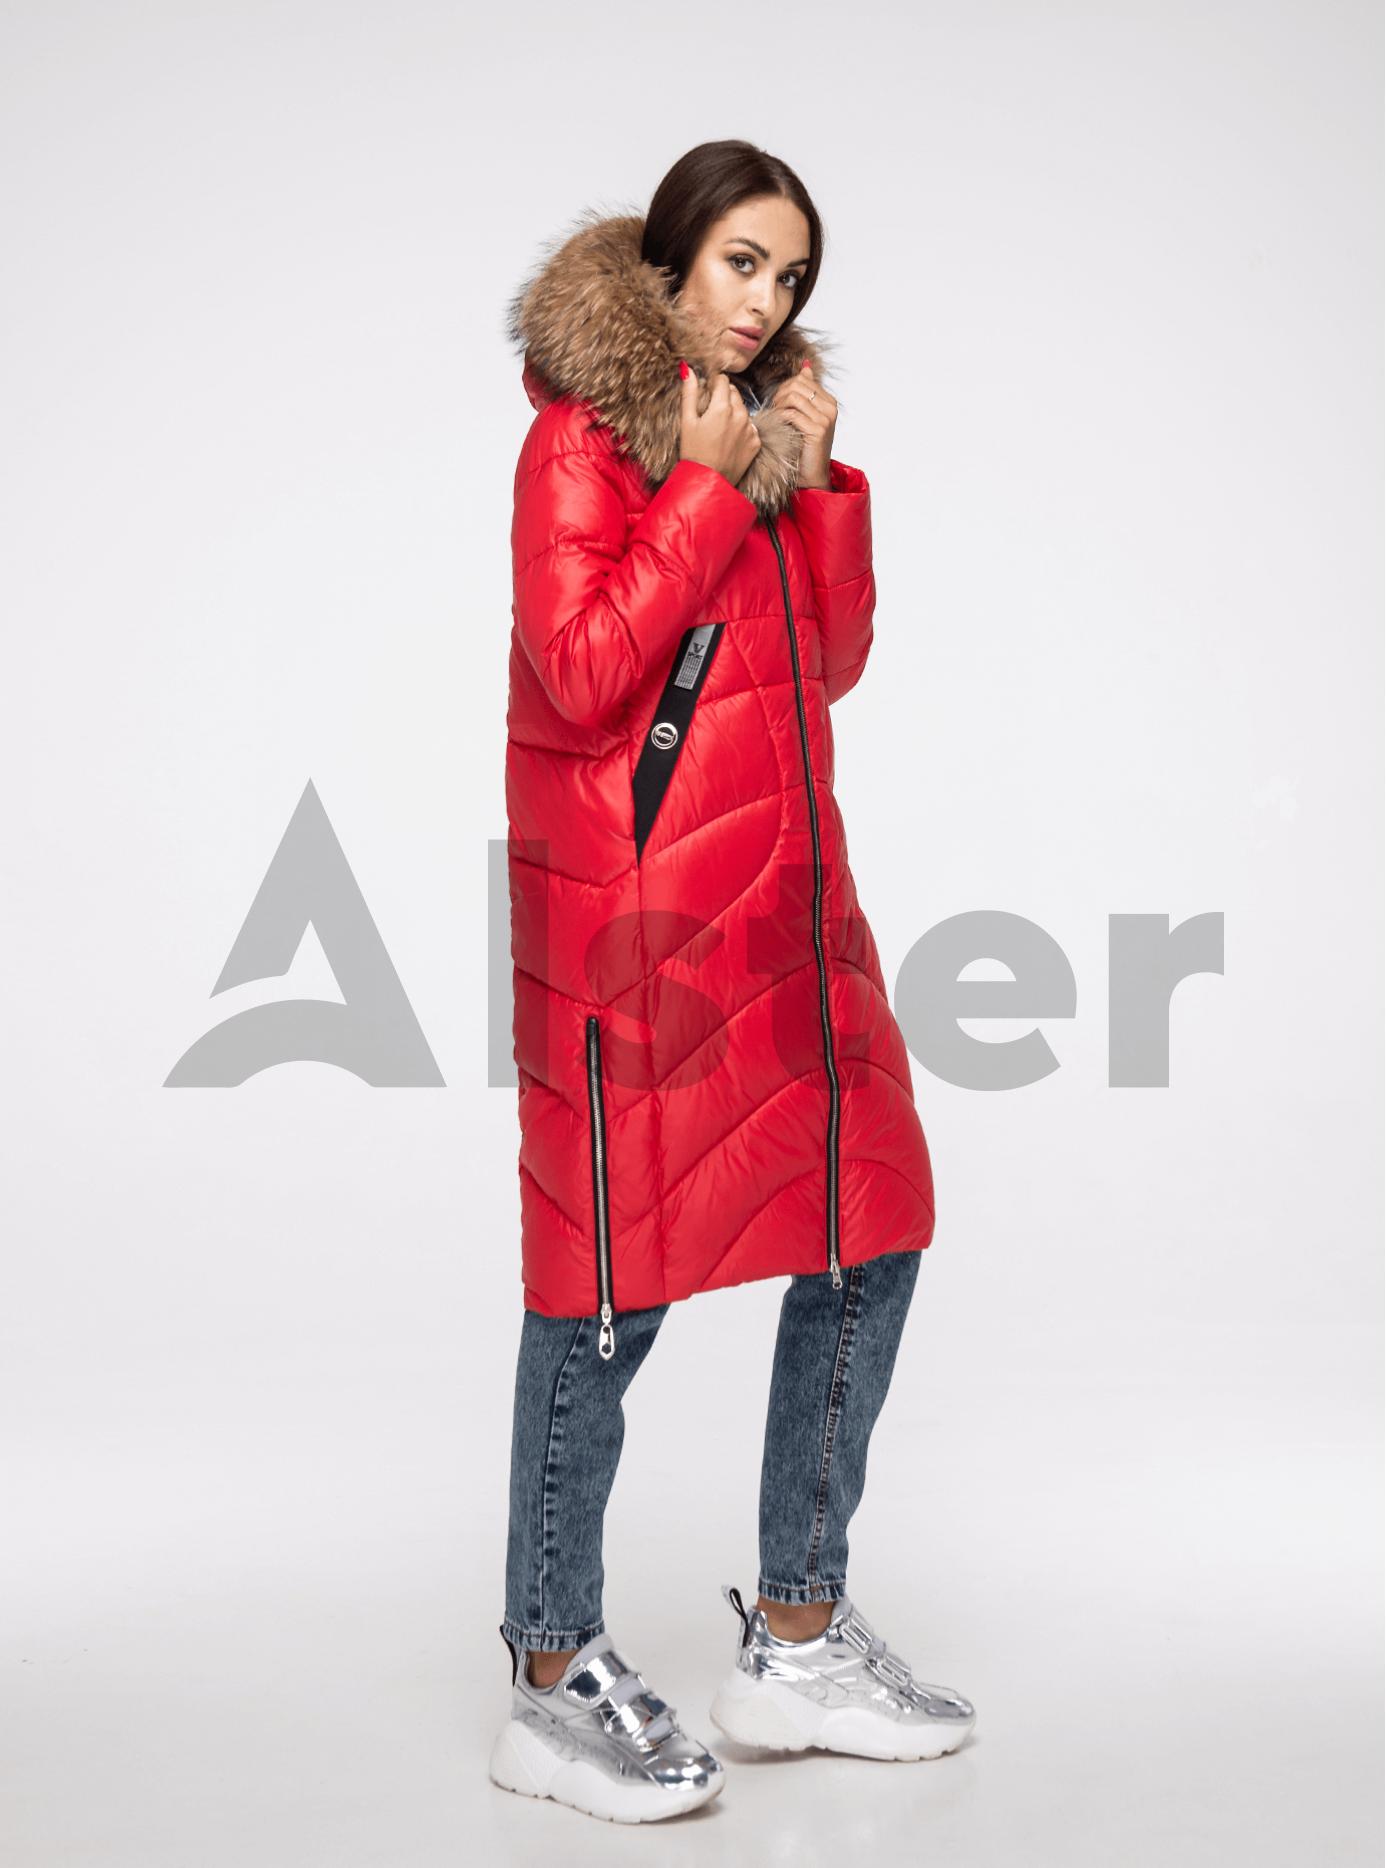 Куртка зимняя длинная с мехом енота Красный L (05-V191190): фото - Alster.ua